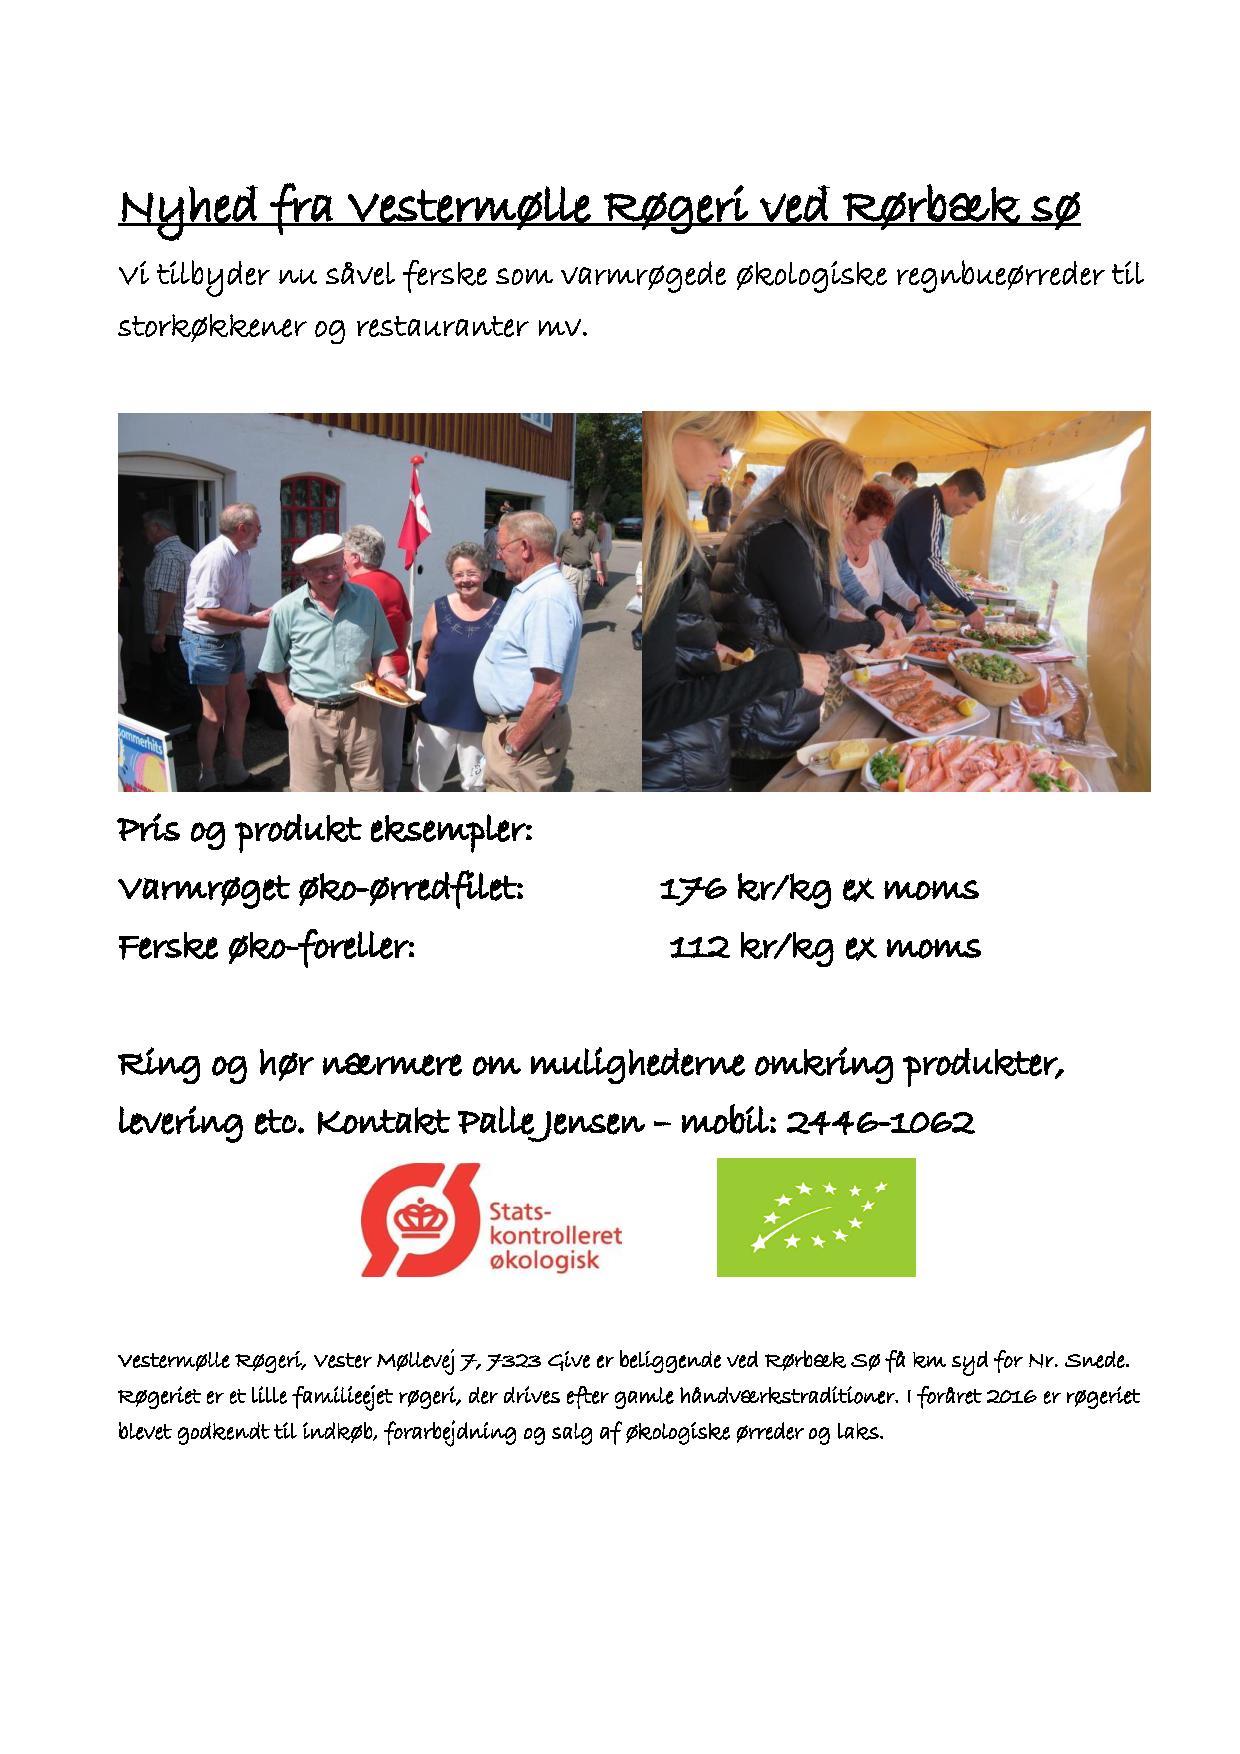 Vestermølle Røgeri - Salgsbrev - økofisk - ENDELIG - 160616 - VJL-page-001